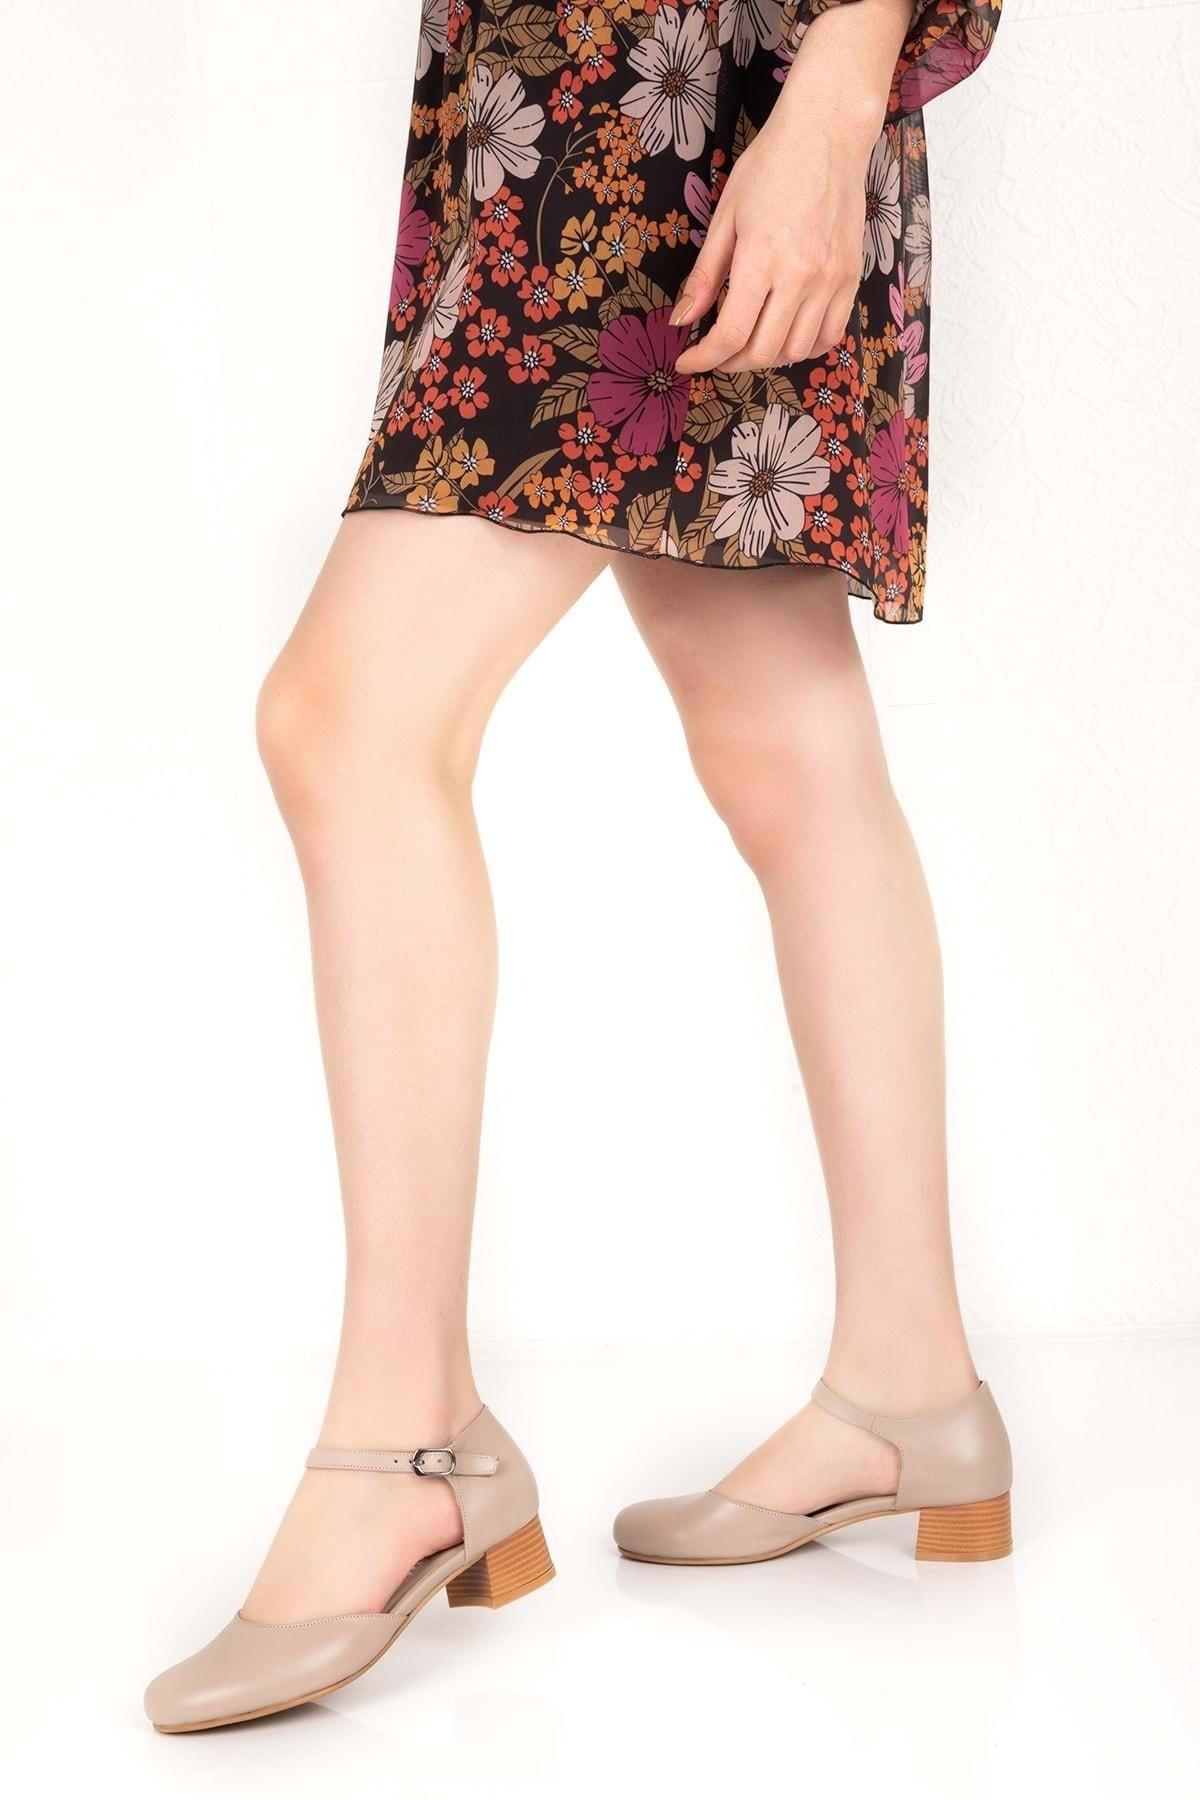 Gondol Kadın Vizon Hakiki Deri Günlük Ayakkabı 2